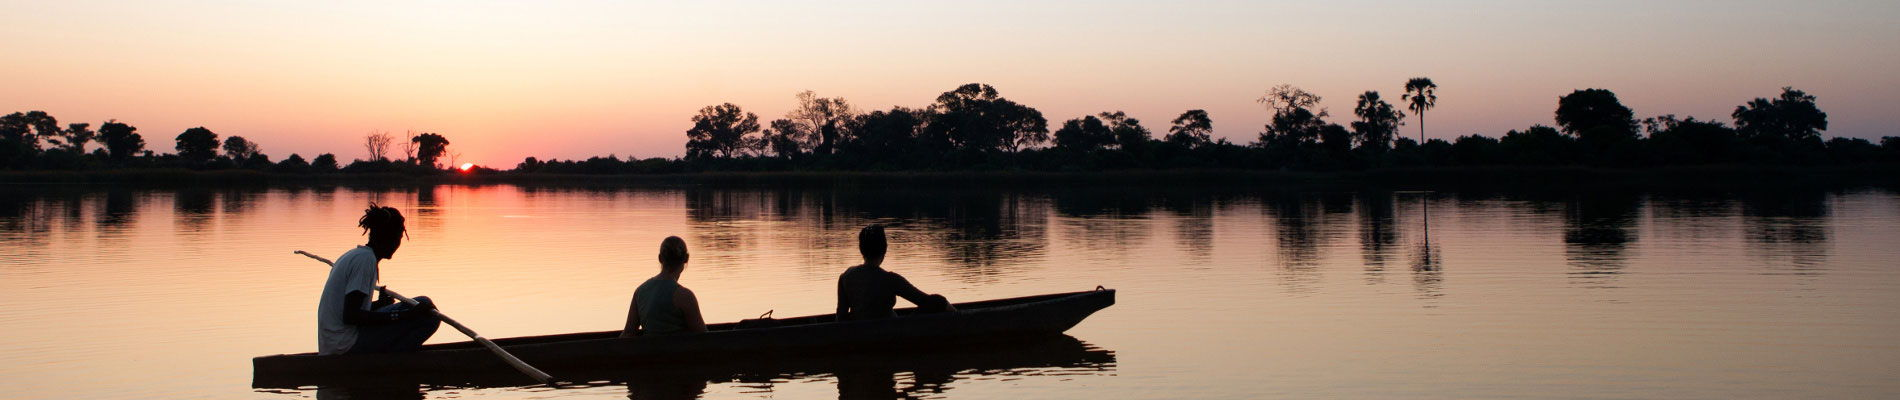 afrique-botswana-coucher-de-soleil-pirogue-st